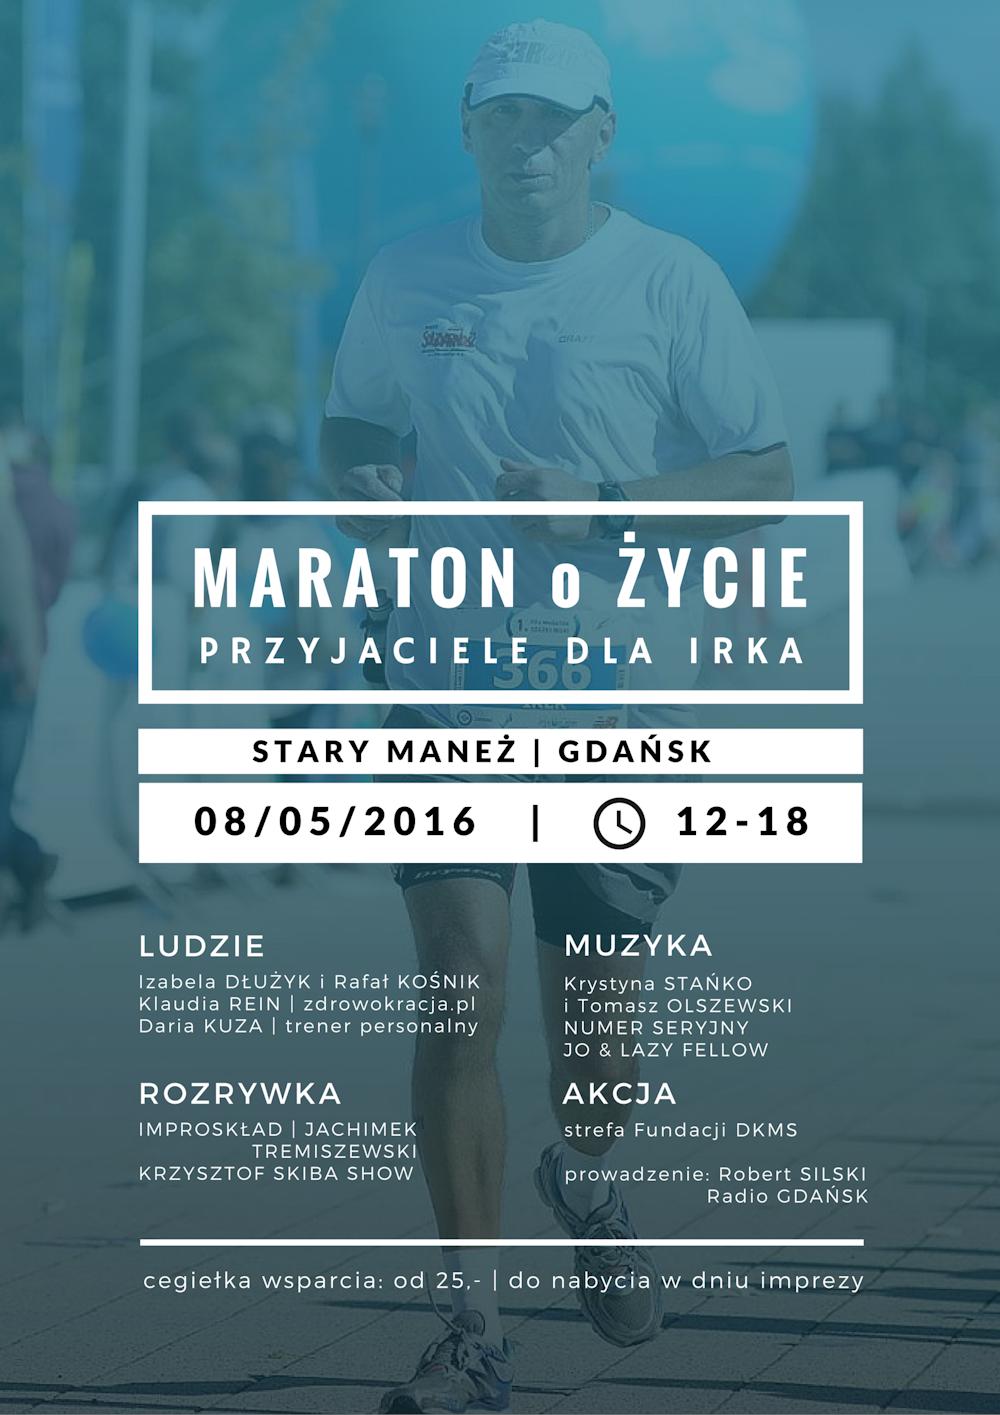 MARATON_o_ZYCIE